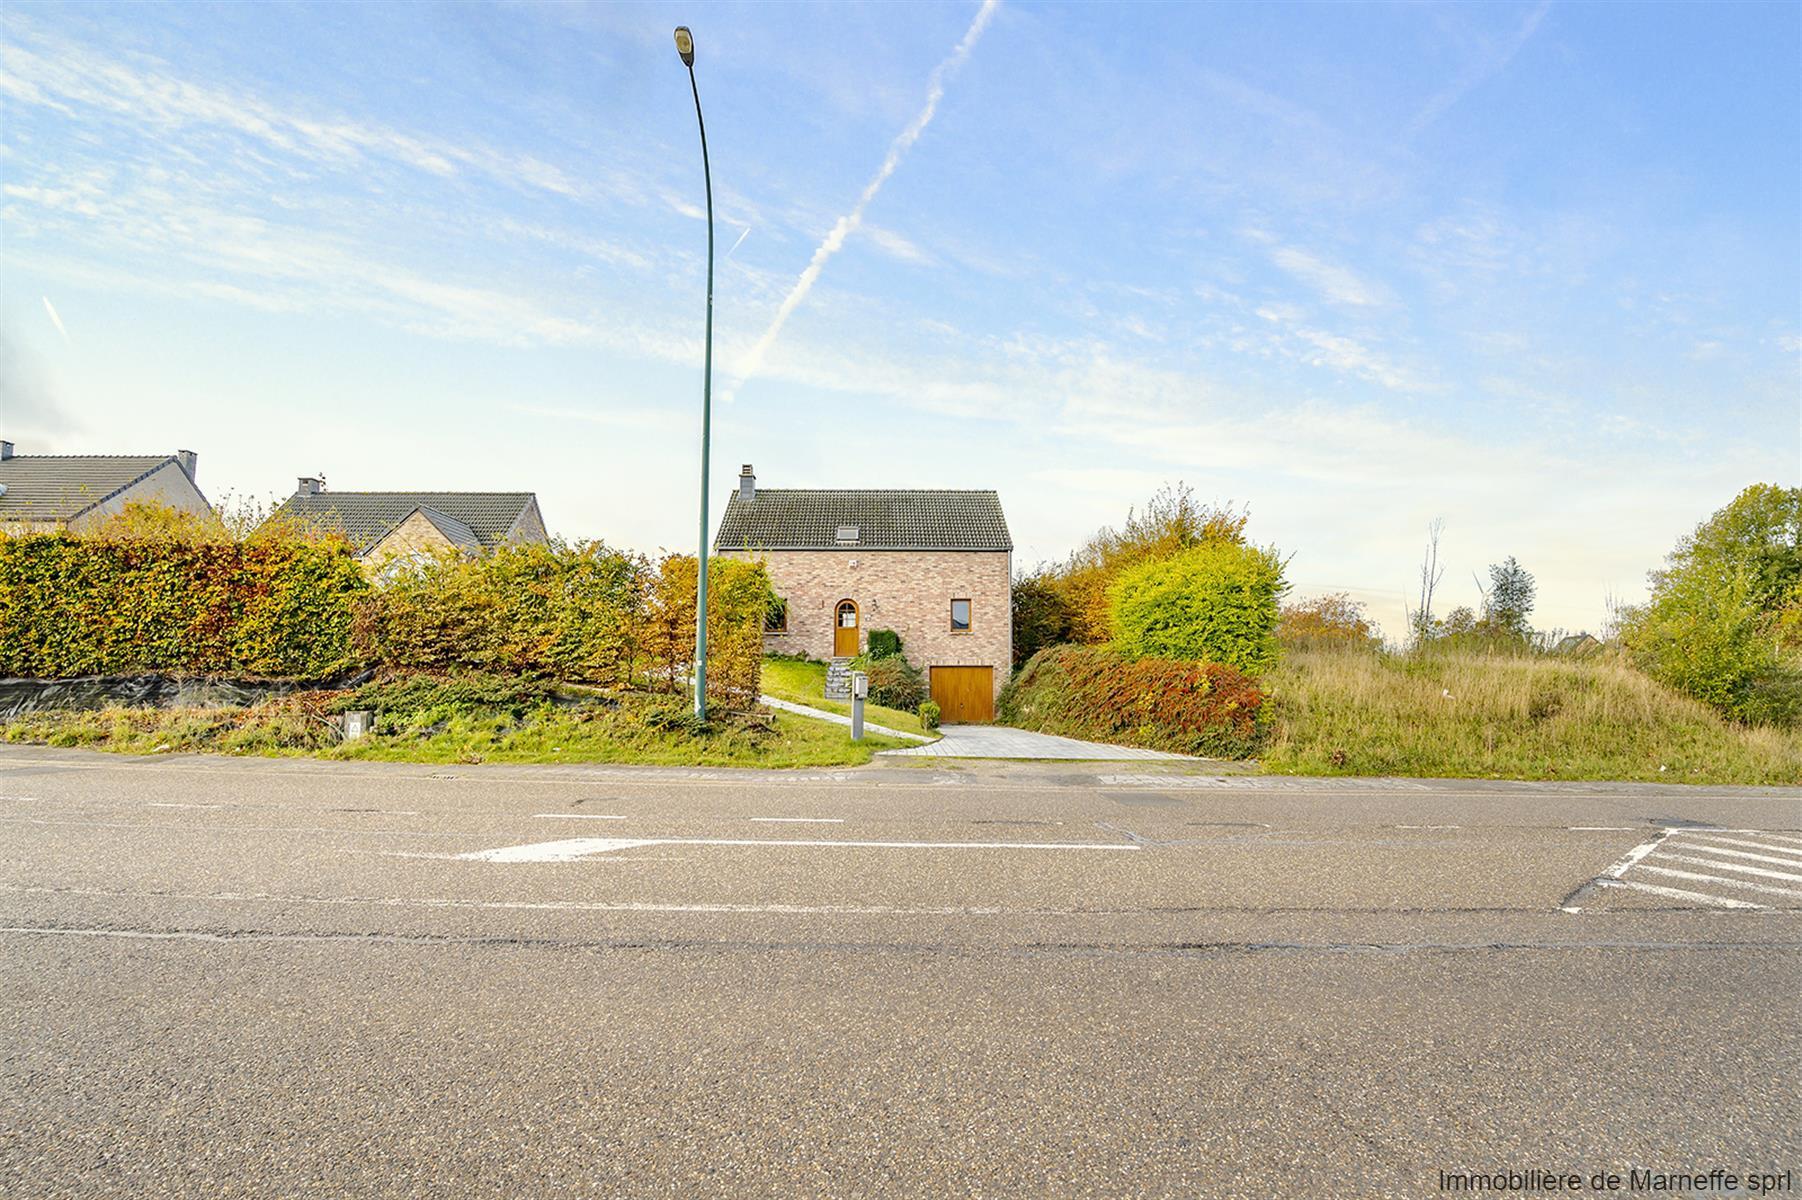 Maison - Villers-le-Bouillet - #4191827-34